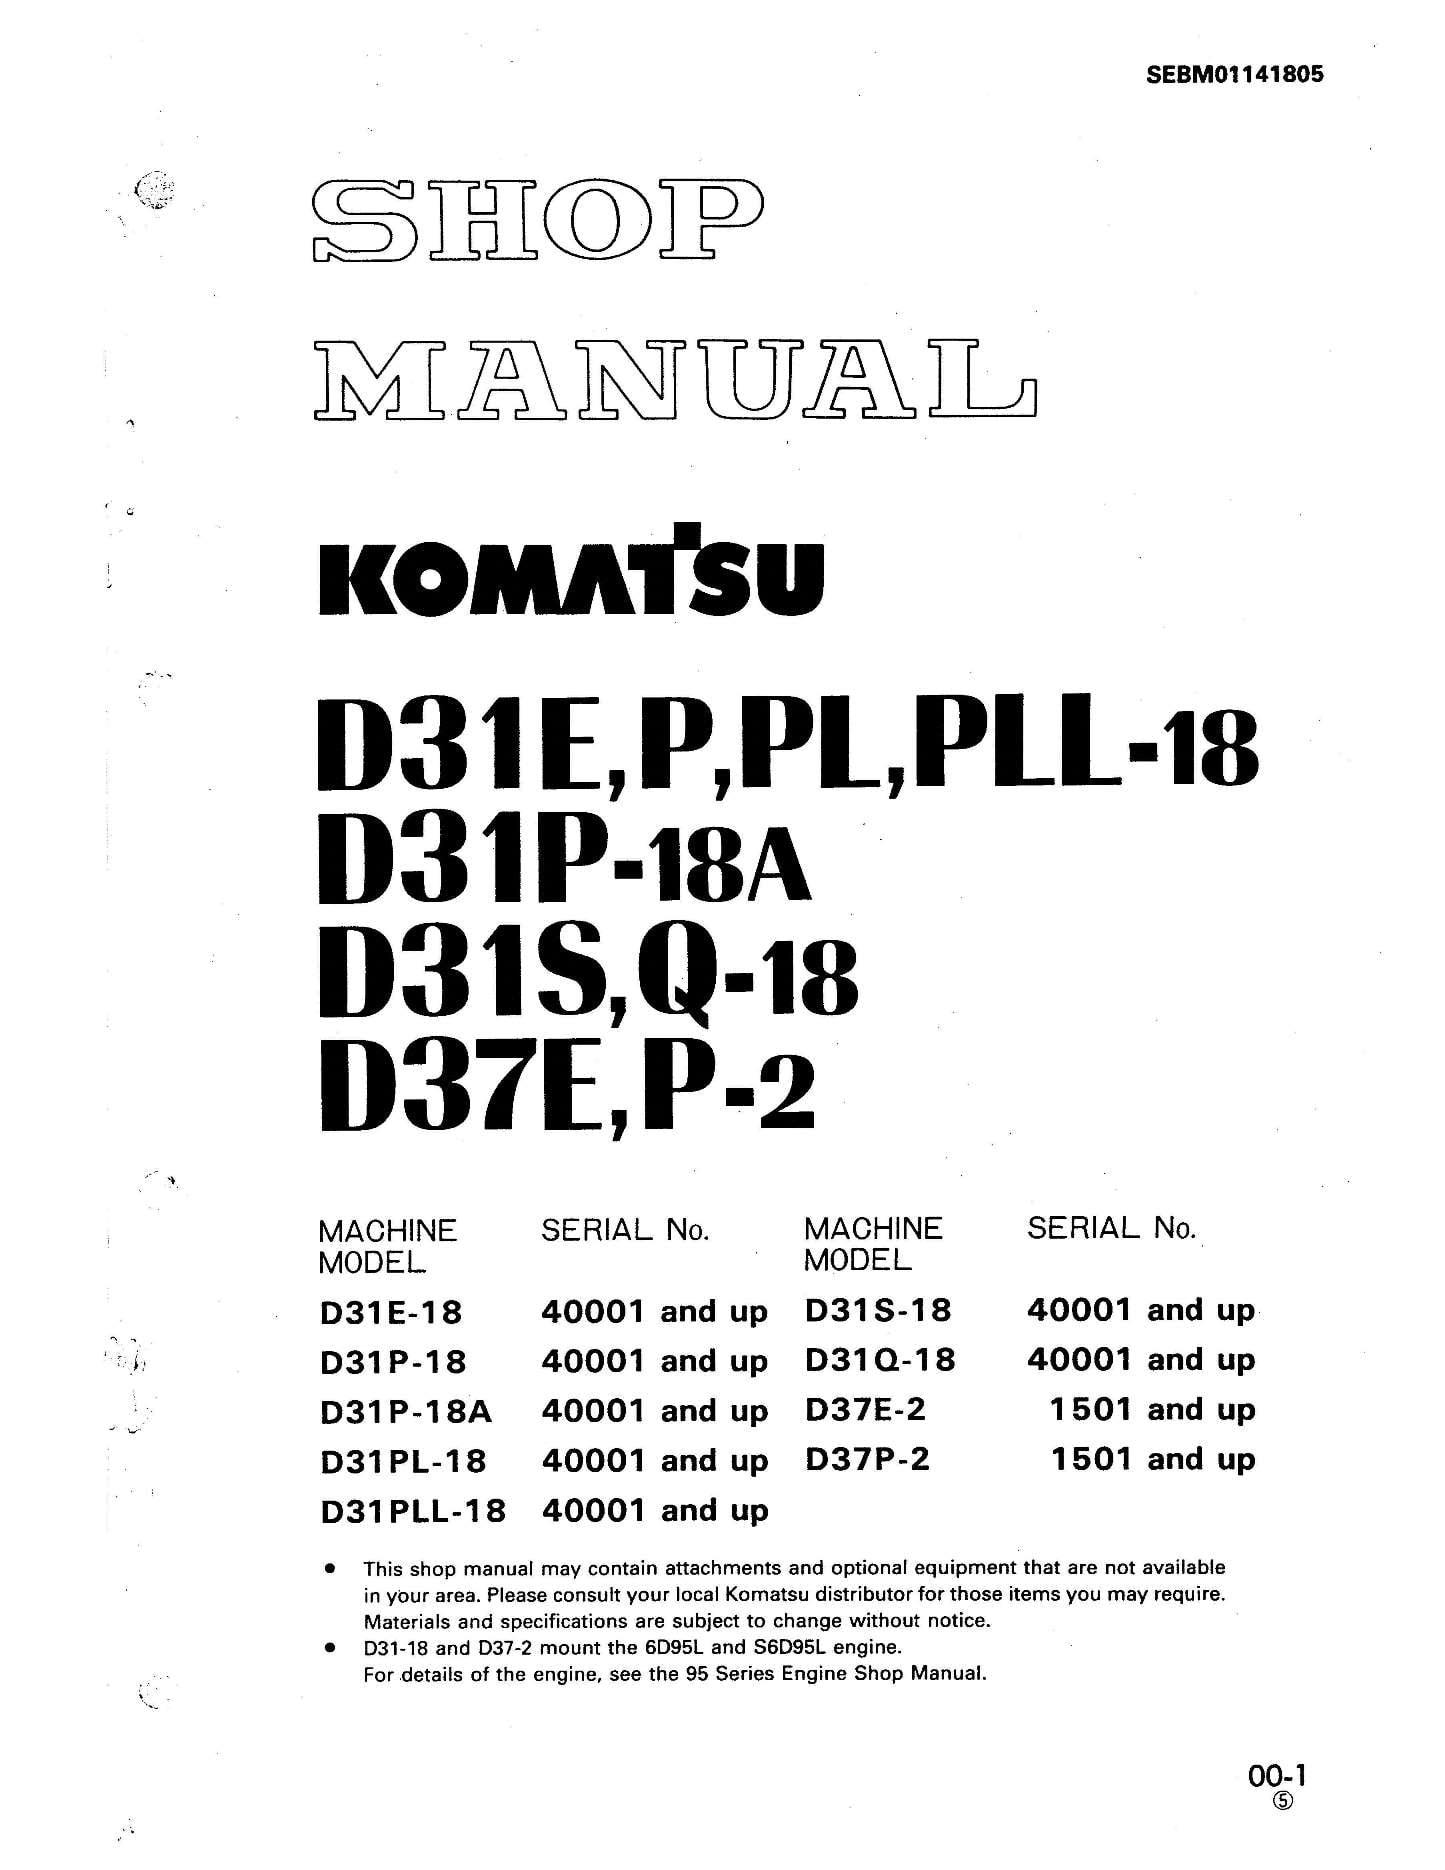 Komatsu D31  D37e  D37p